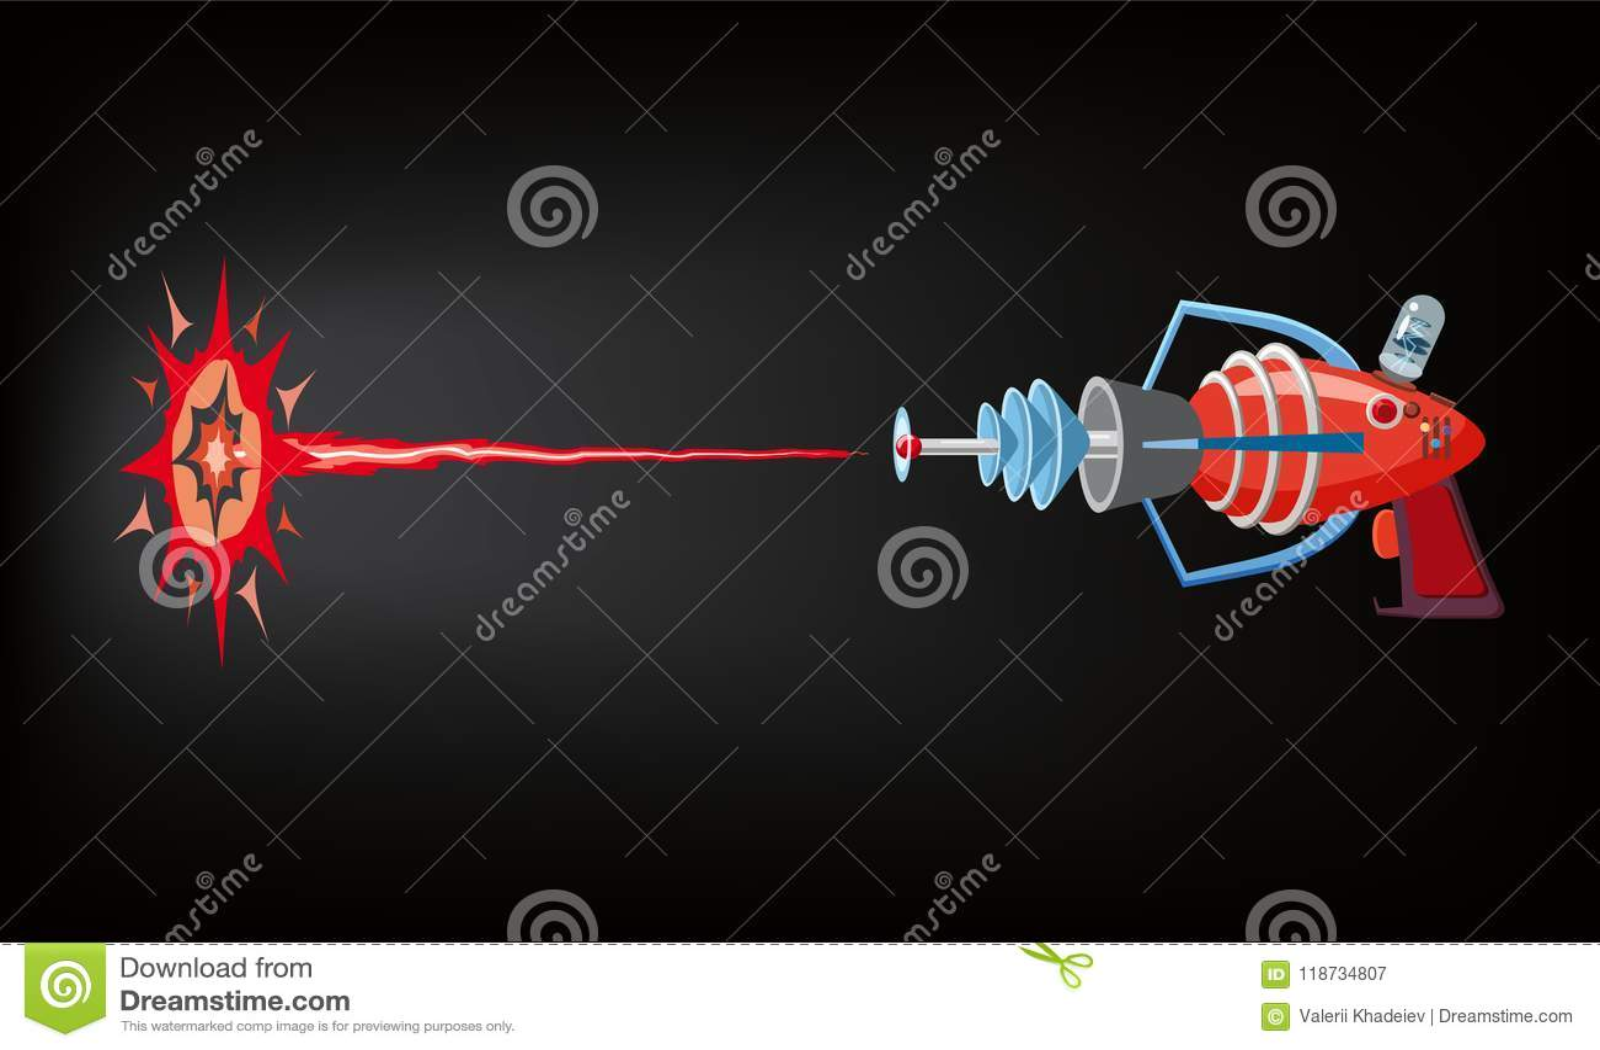 Arenador, laser, juego gan, rayo y flash, ejemplo del vector, silueta de la historieta, rojo, azul, oscuridad del tiro, para los